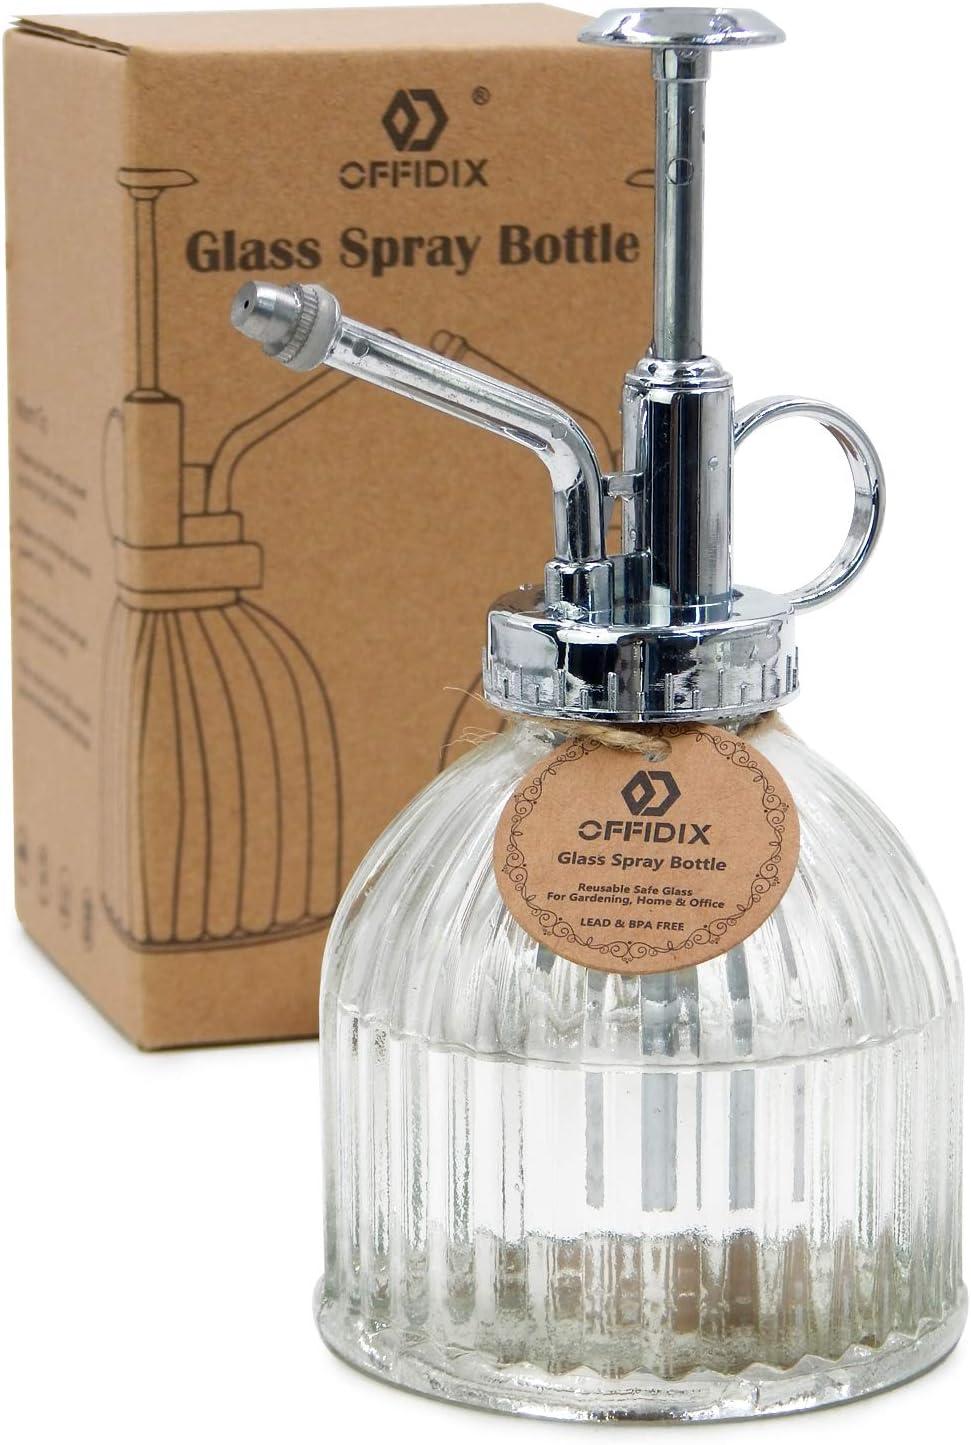 OFFIDIX Transparente Botella de riego de Vidrio de riego, 6.5 Pulgadas Tall Vintage Estilo Spritzer con plástico de Bronce Top Pump Una Mano riego